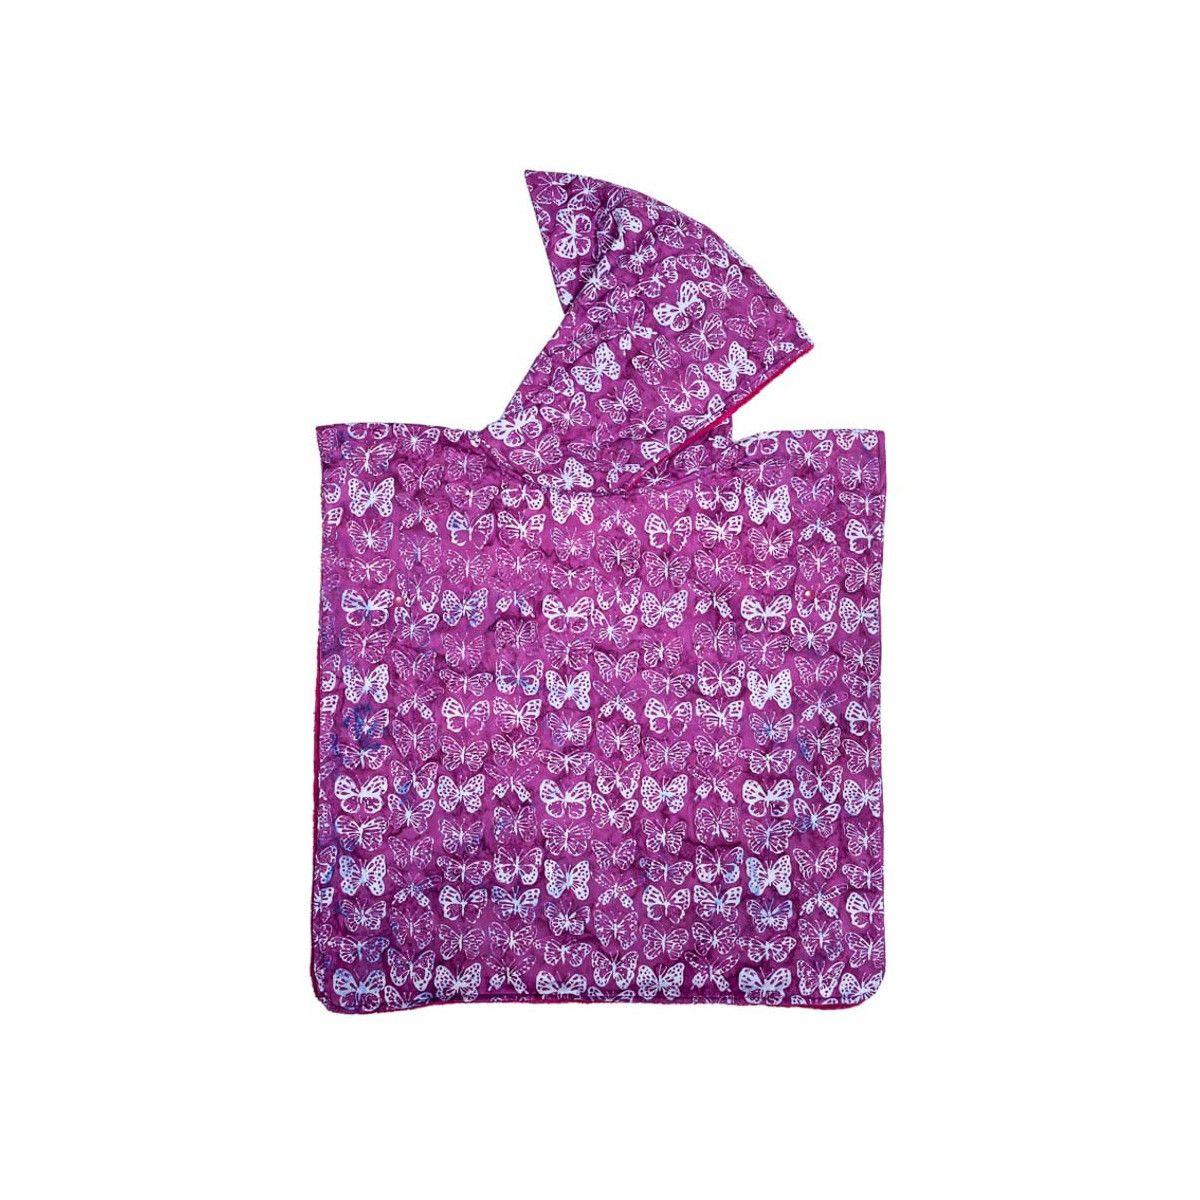 Poncho de bain, de plage à capuche enfant papillons violets